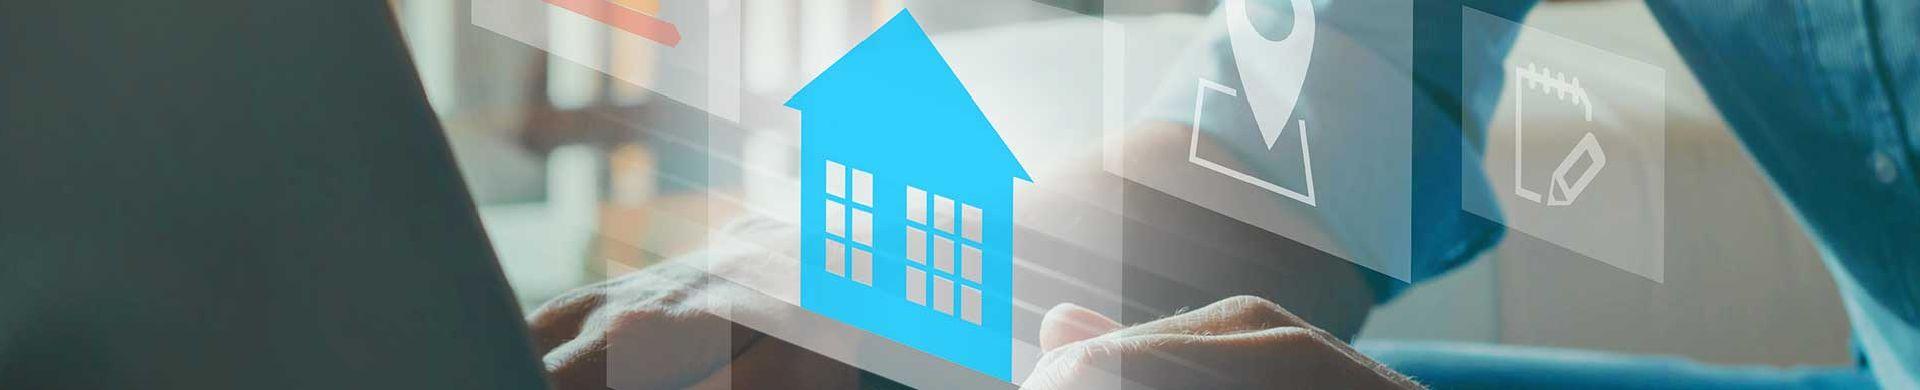 Digitale Hausverwaltung über etg24